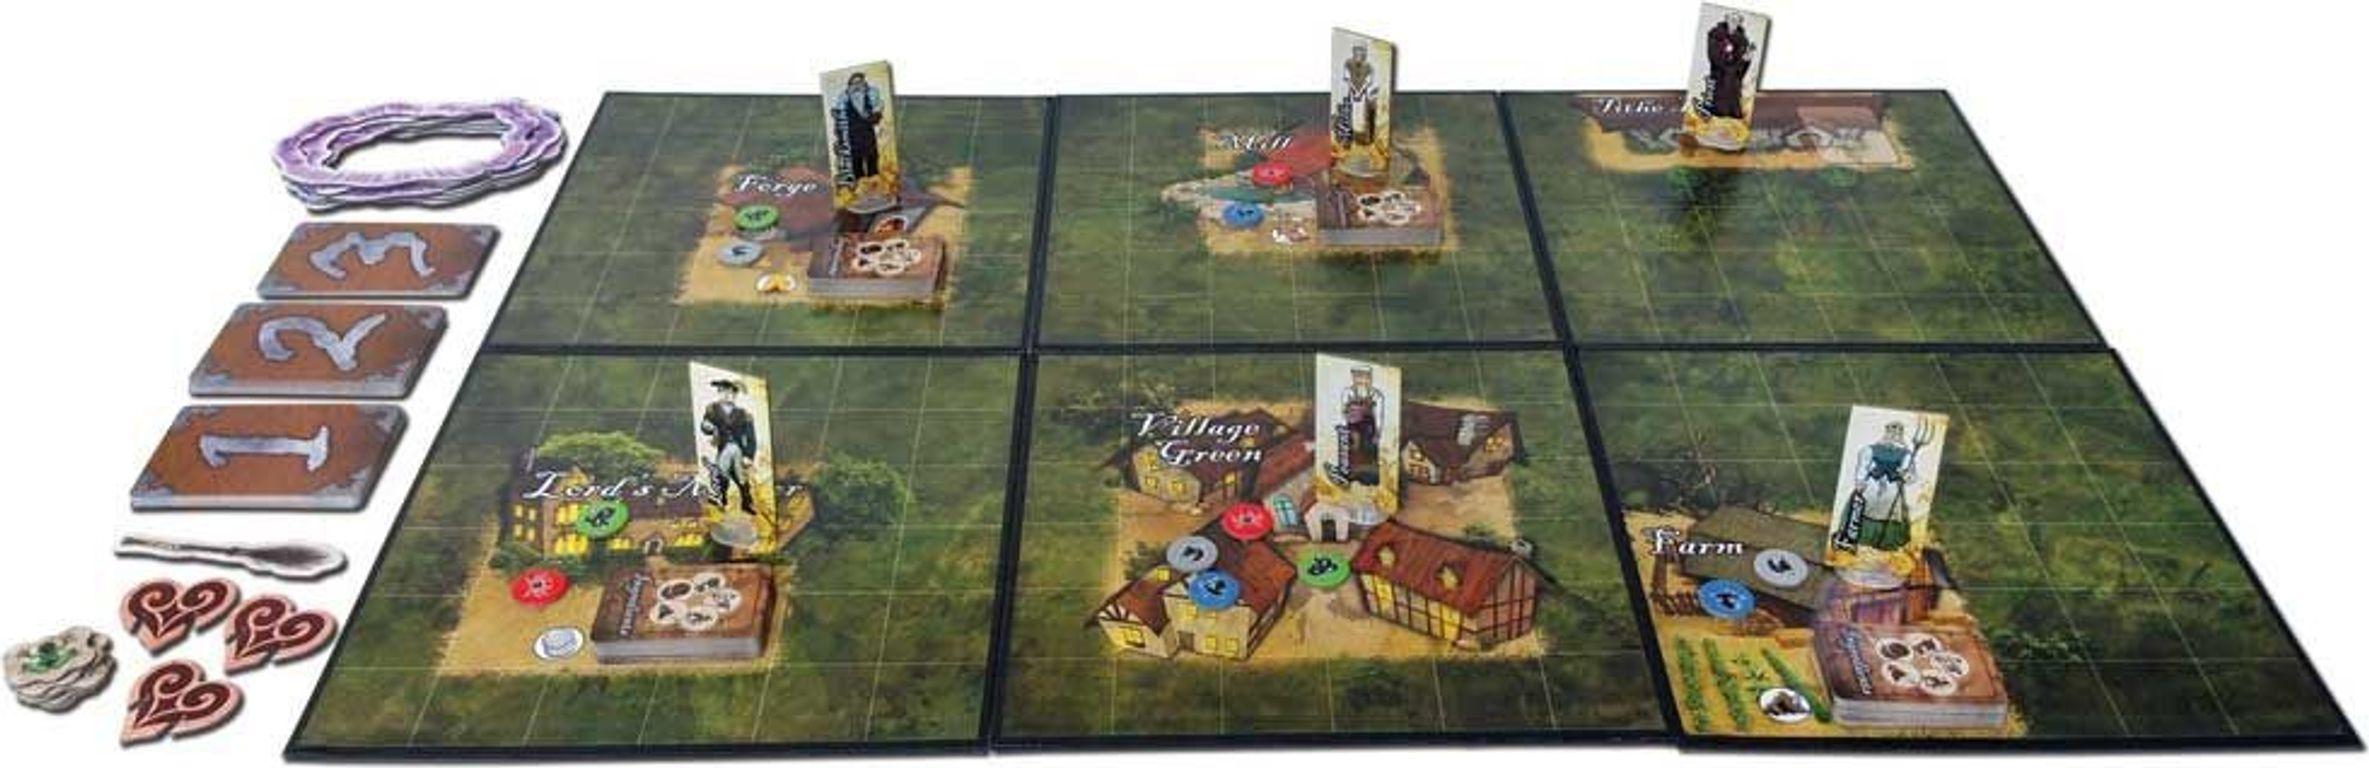 The Village Crone gameplay